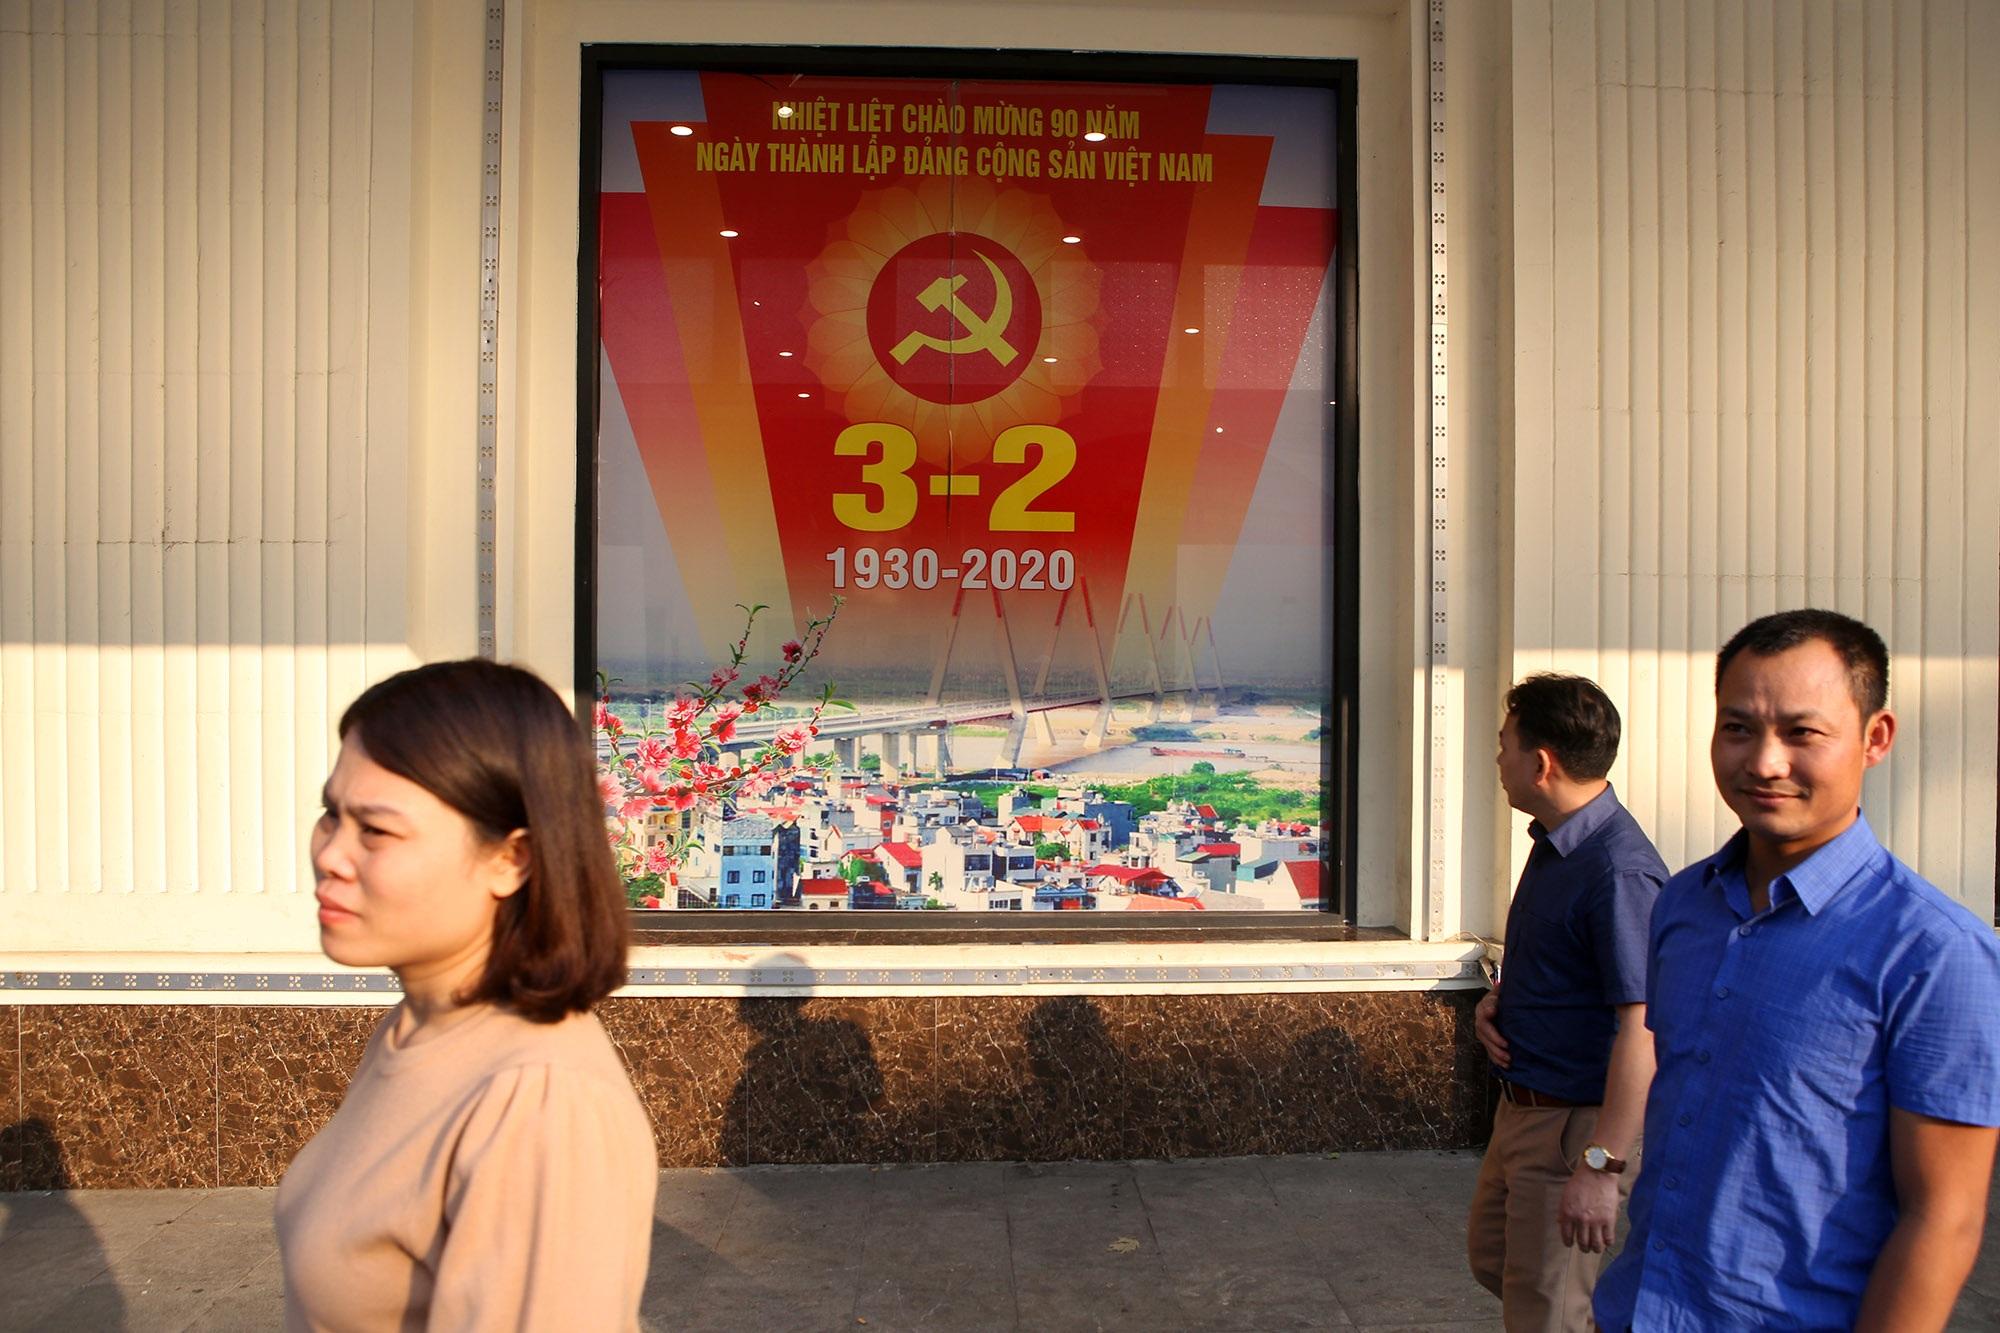 Hà Nội rực rỡ cờ, hoa mừng 90 năm Ngày thành lập Đảng - 12